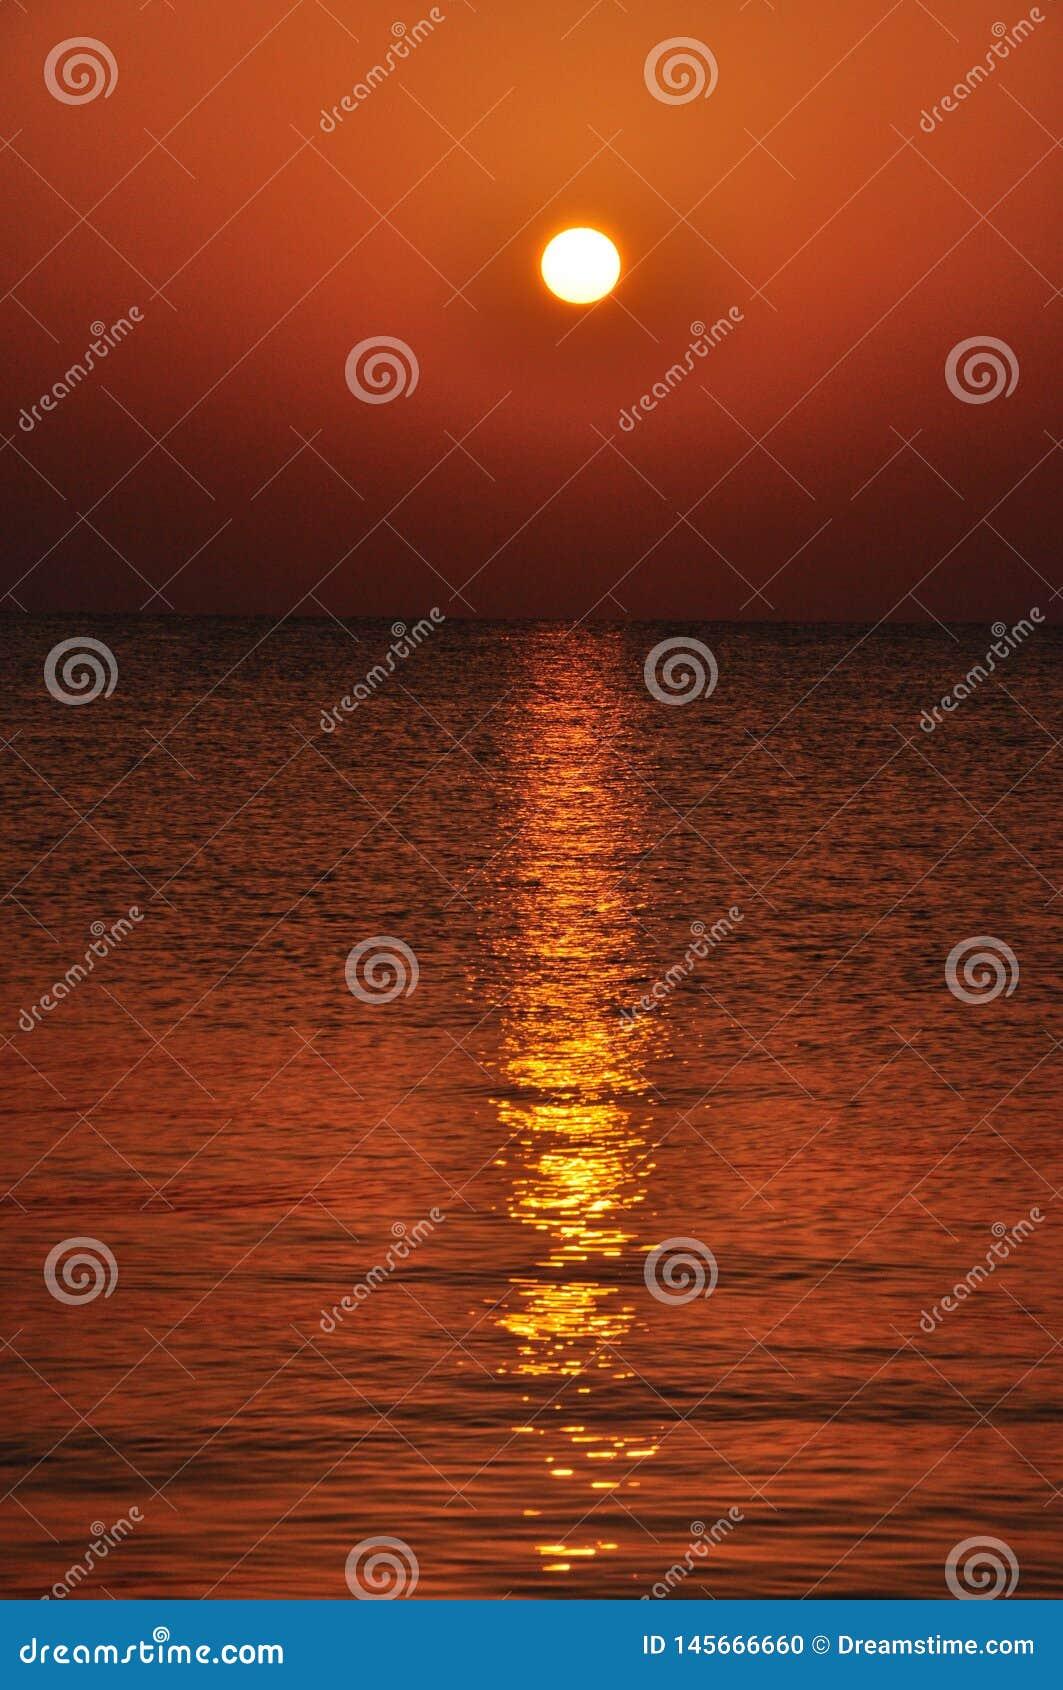 Sonnenuntergang über der Oberfläche mit Reflexionen von Strahlen auf der Oberfläche